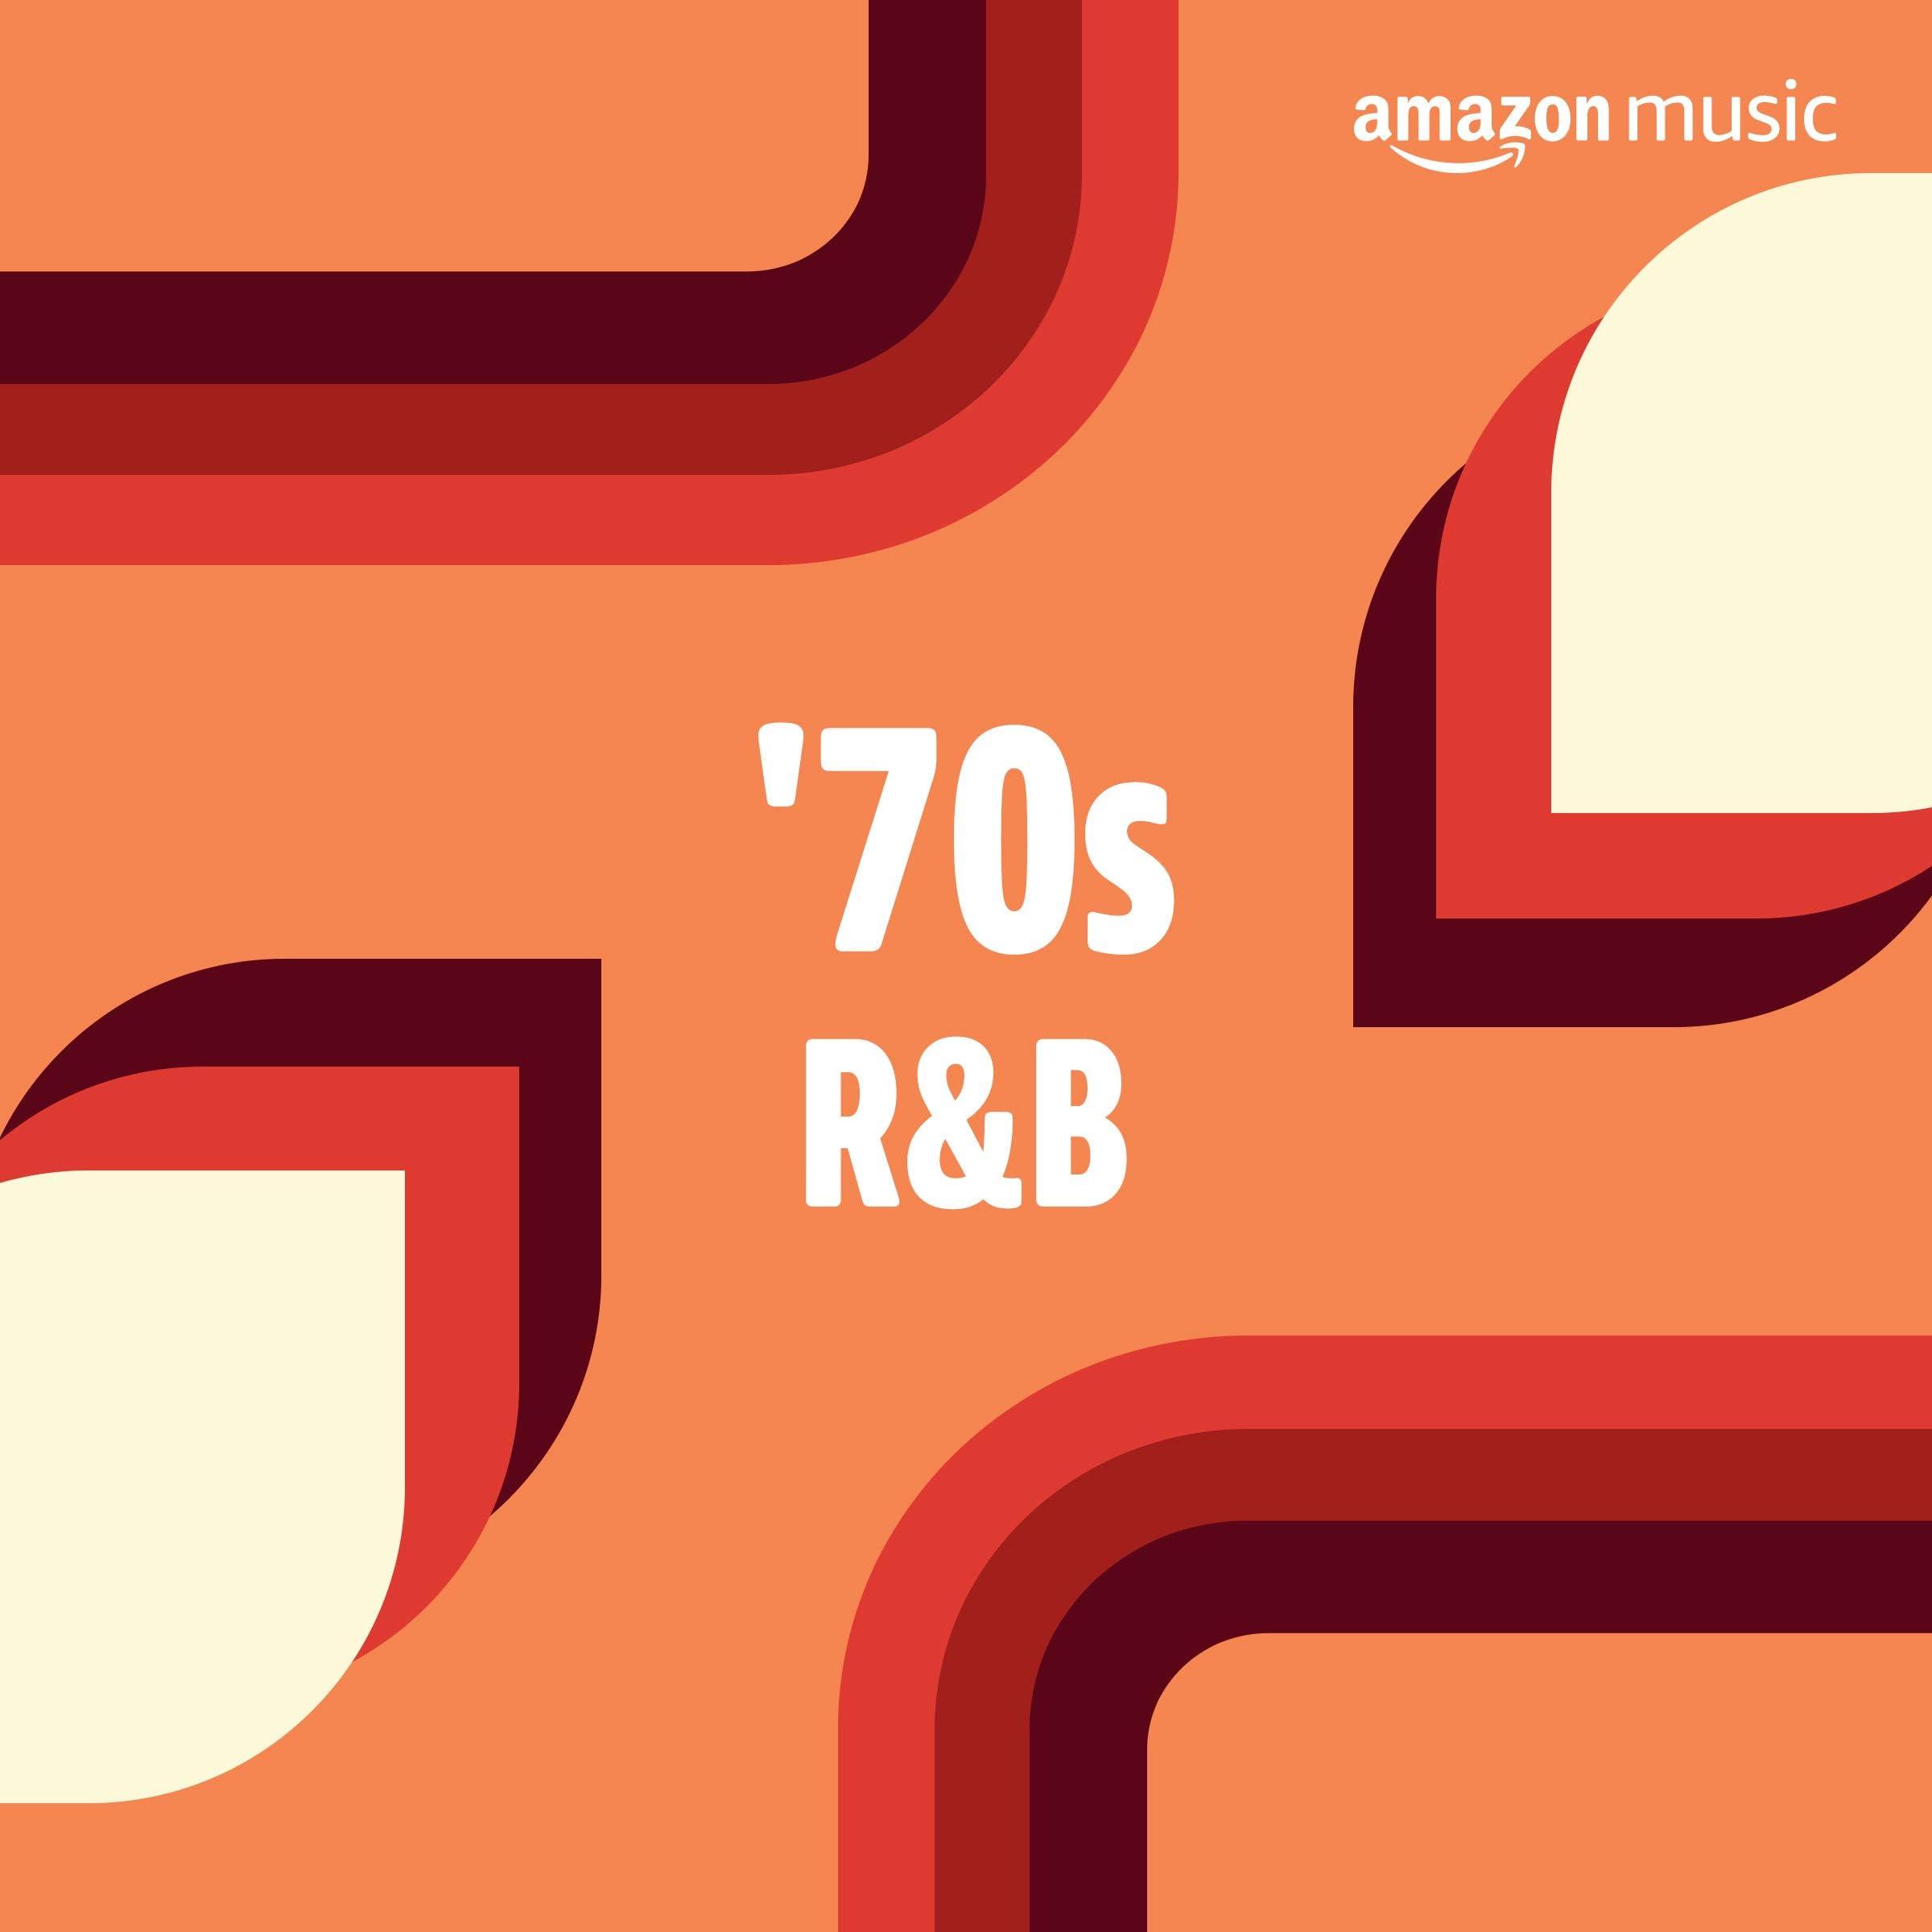 '70s R&B